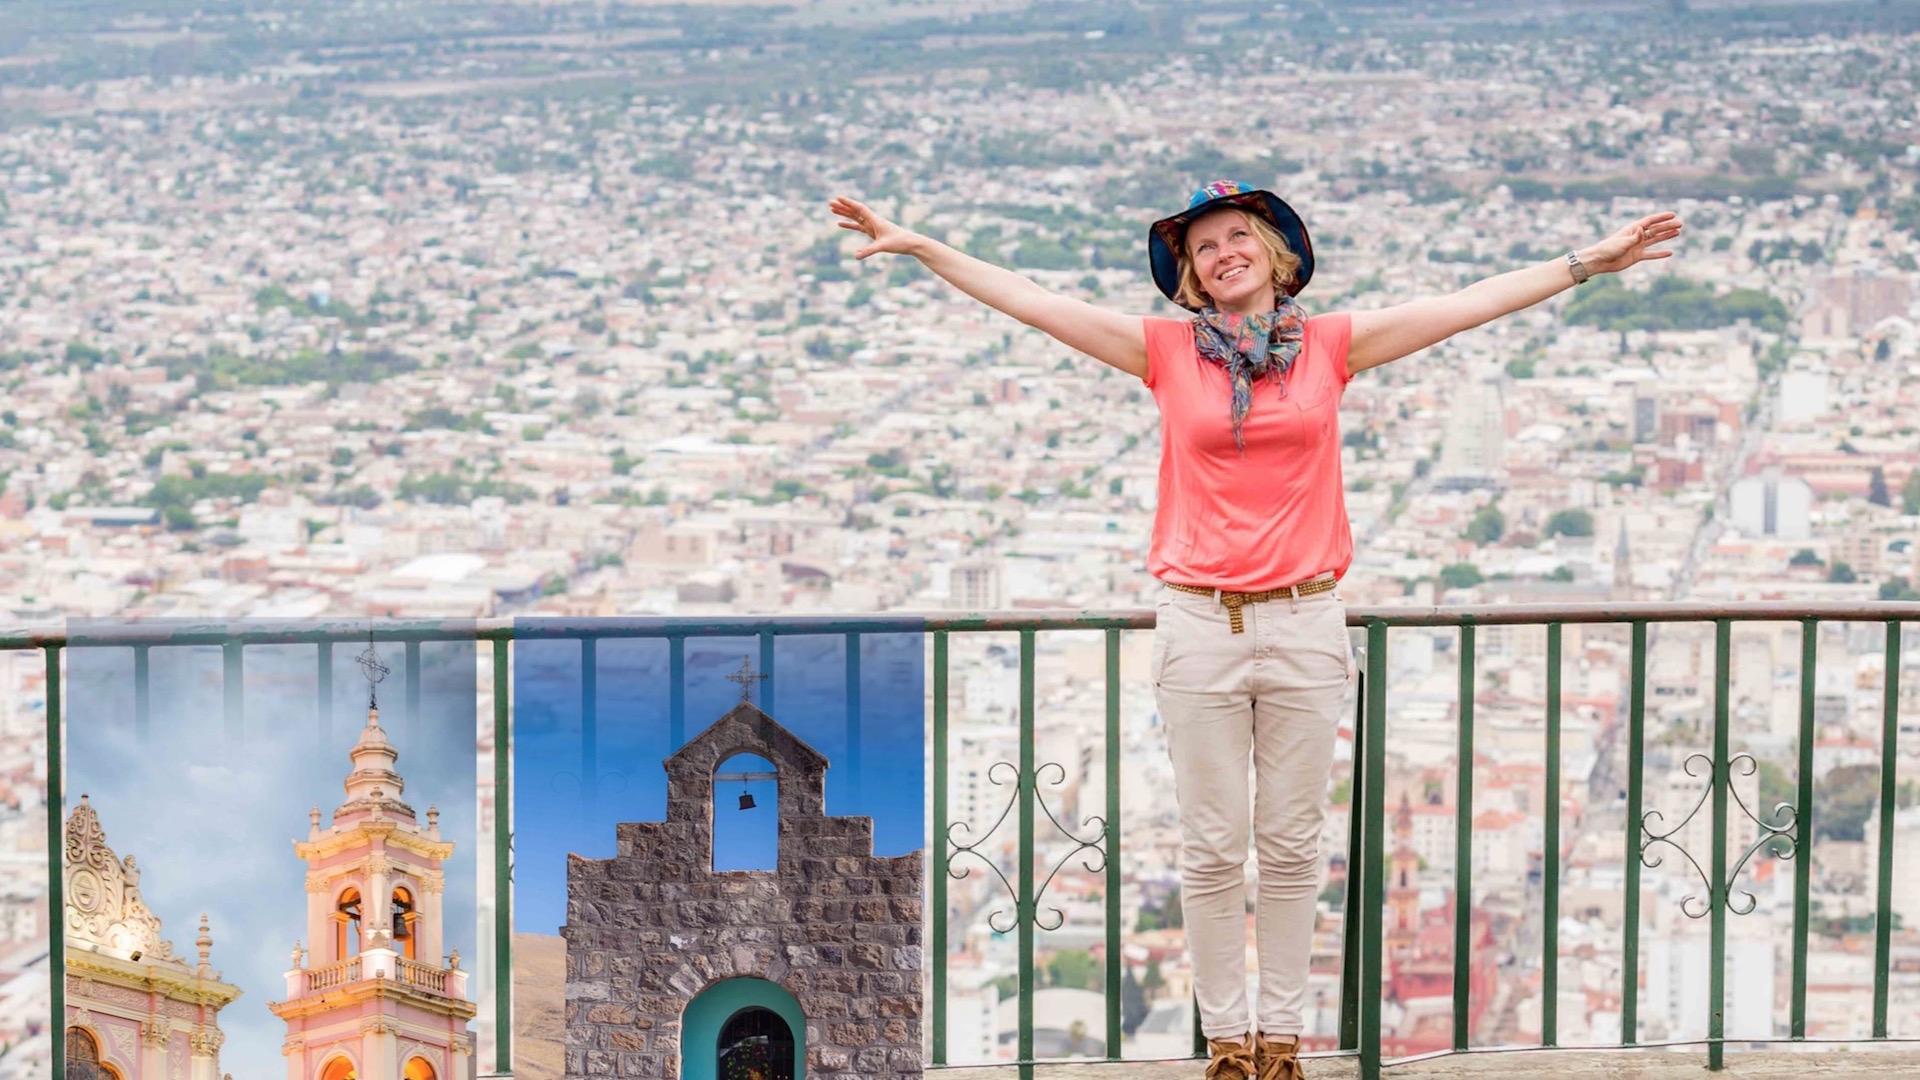 La ciudad de Salta ya cuenta con más de 100 vuelos semanales